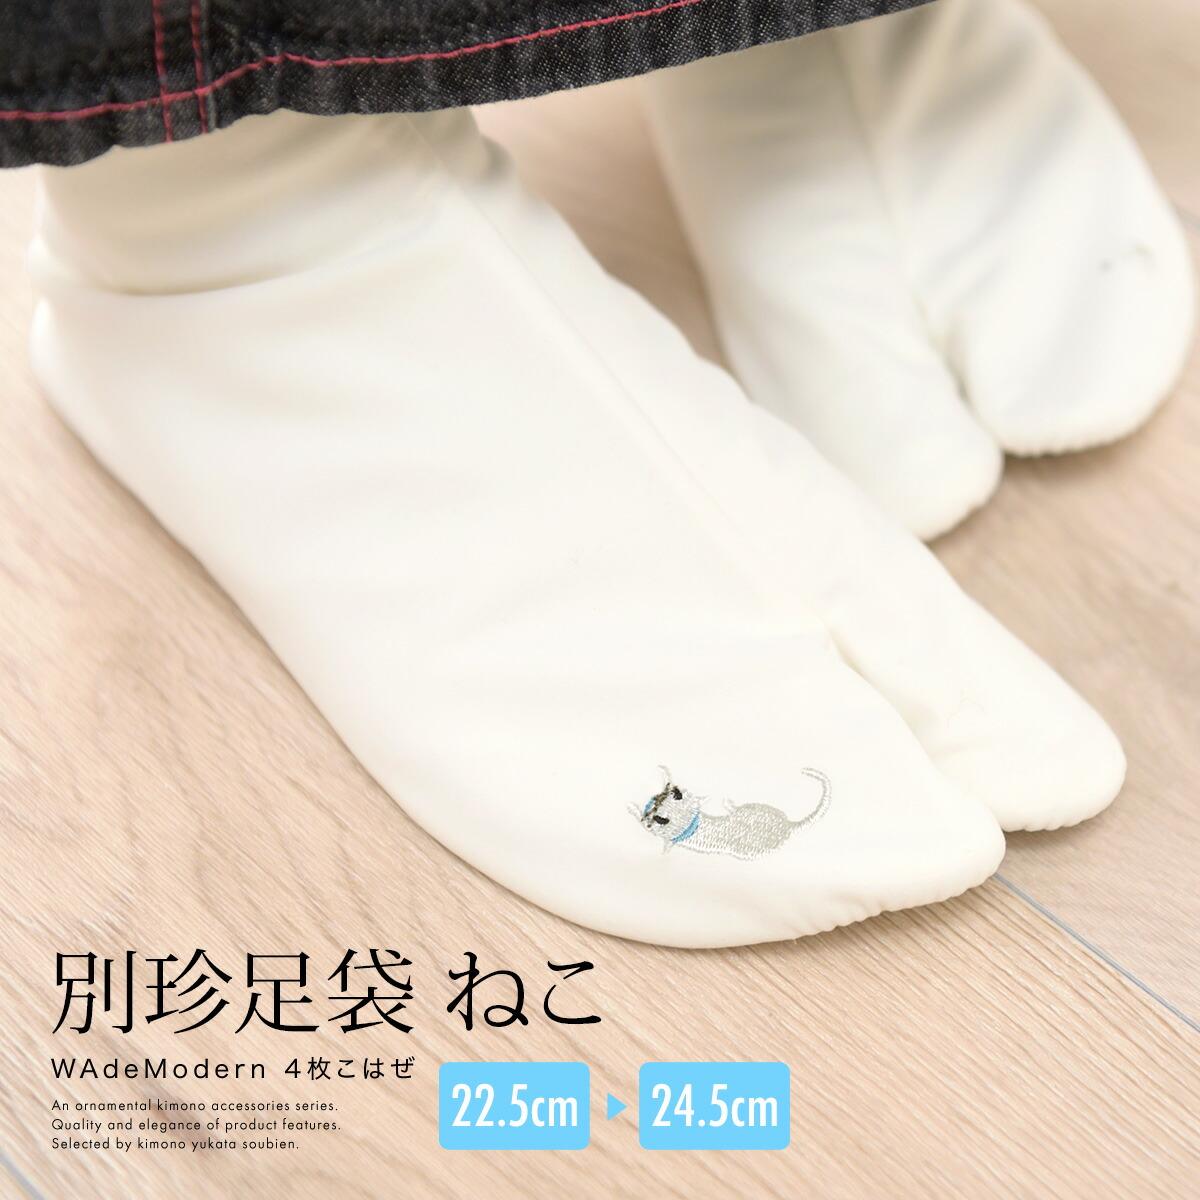 アイボリー別珍 ネコ刺繍足袋